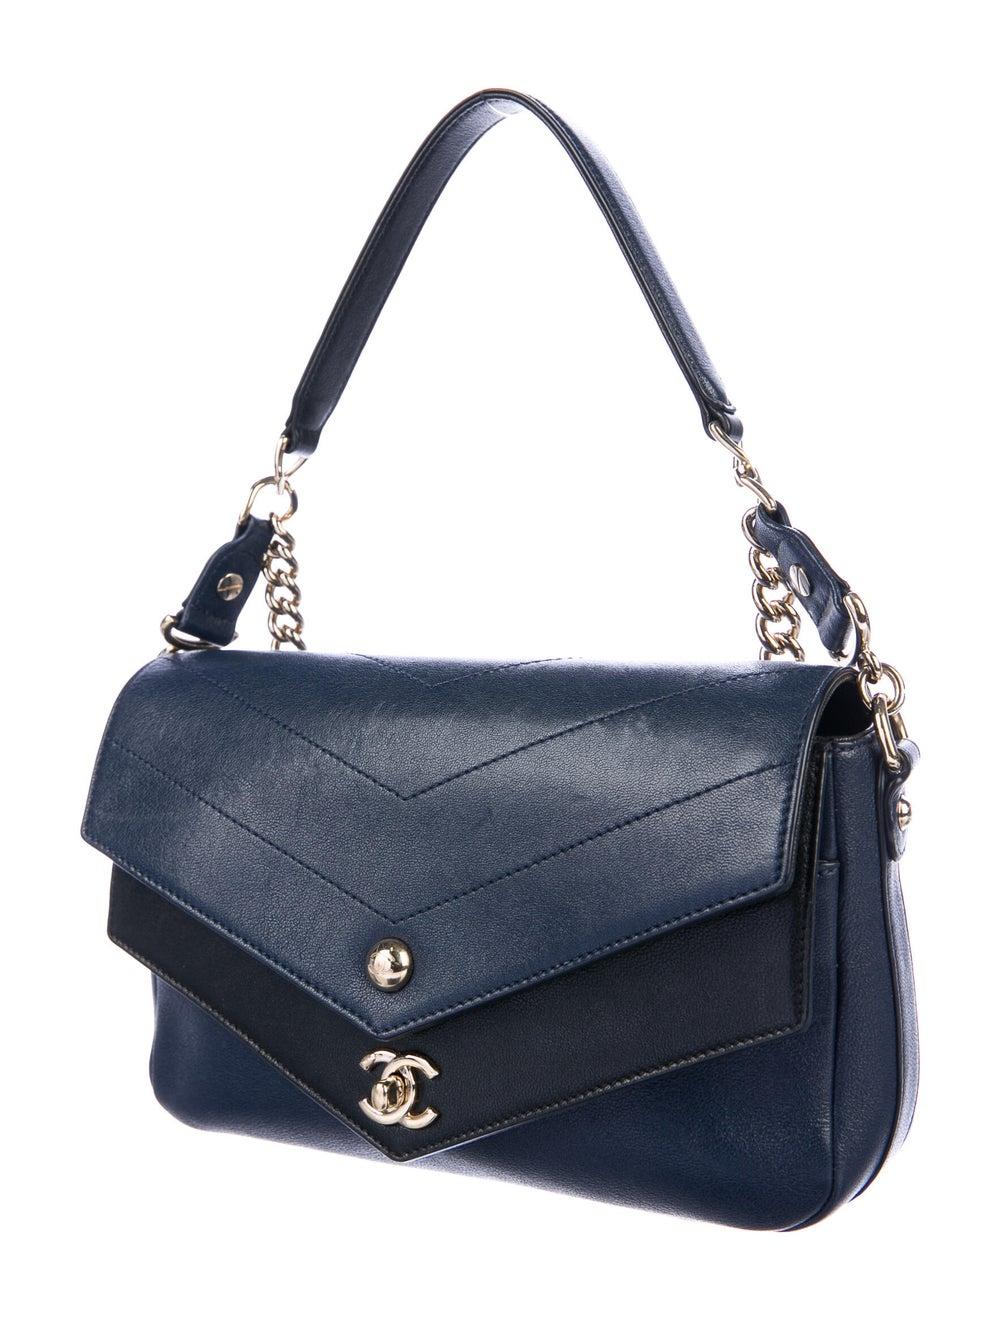 Chanel Paris-Hamburg Double Chevron Flap Bag Blue - image 3